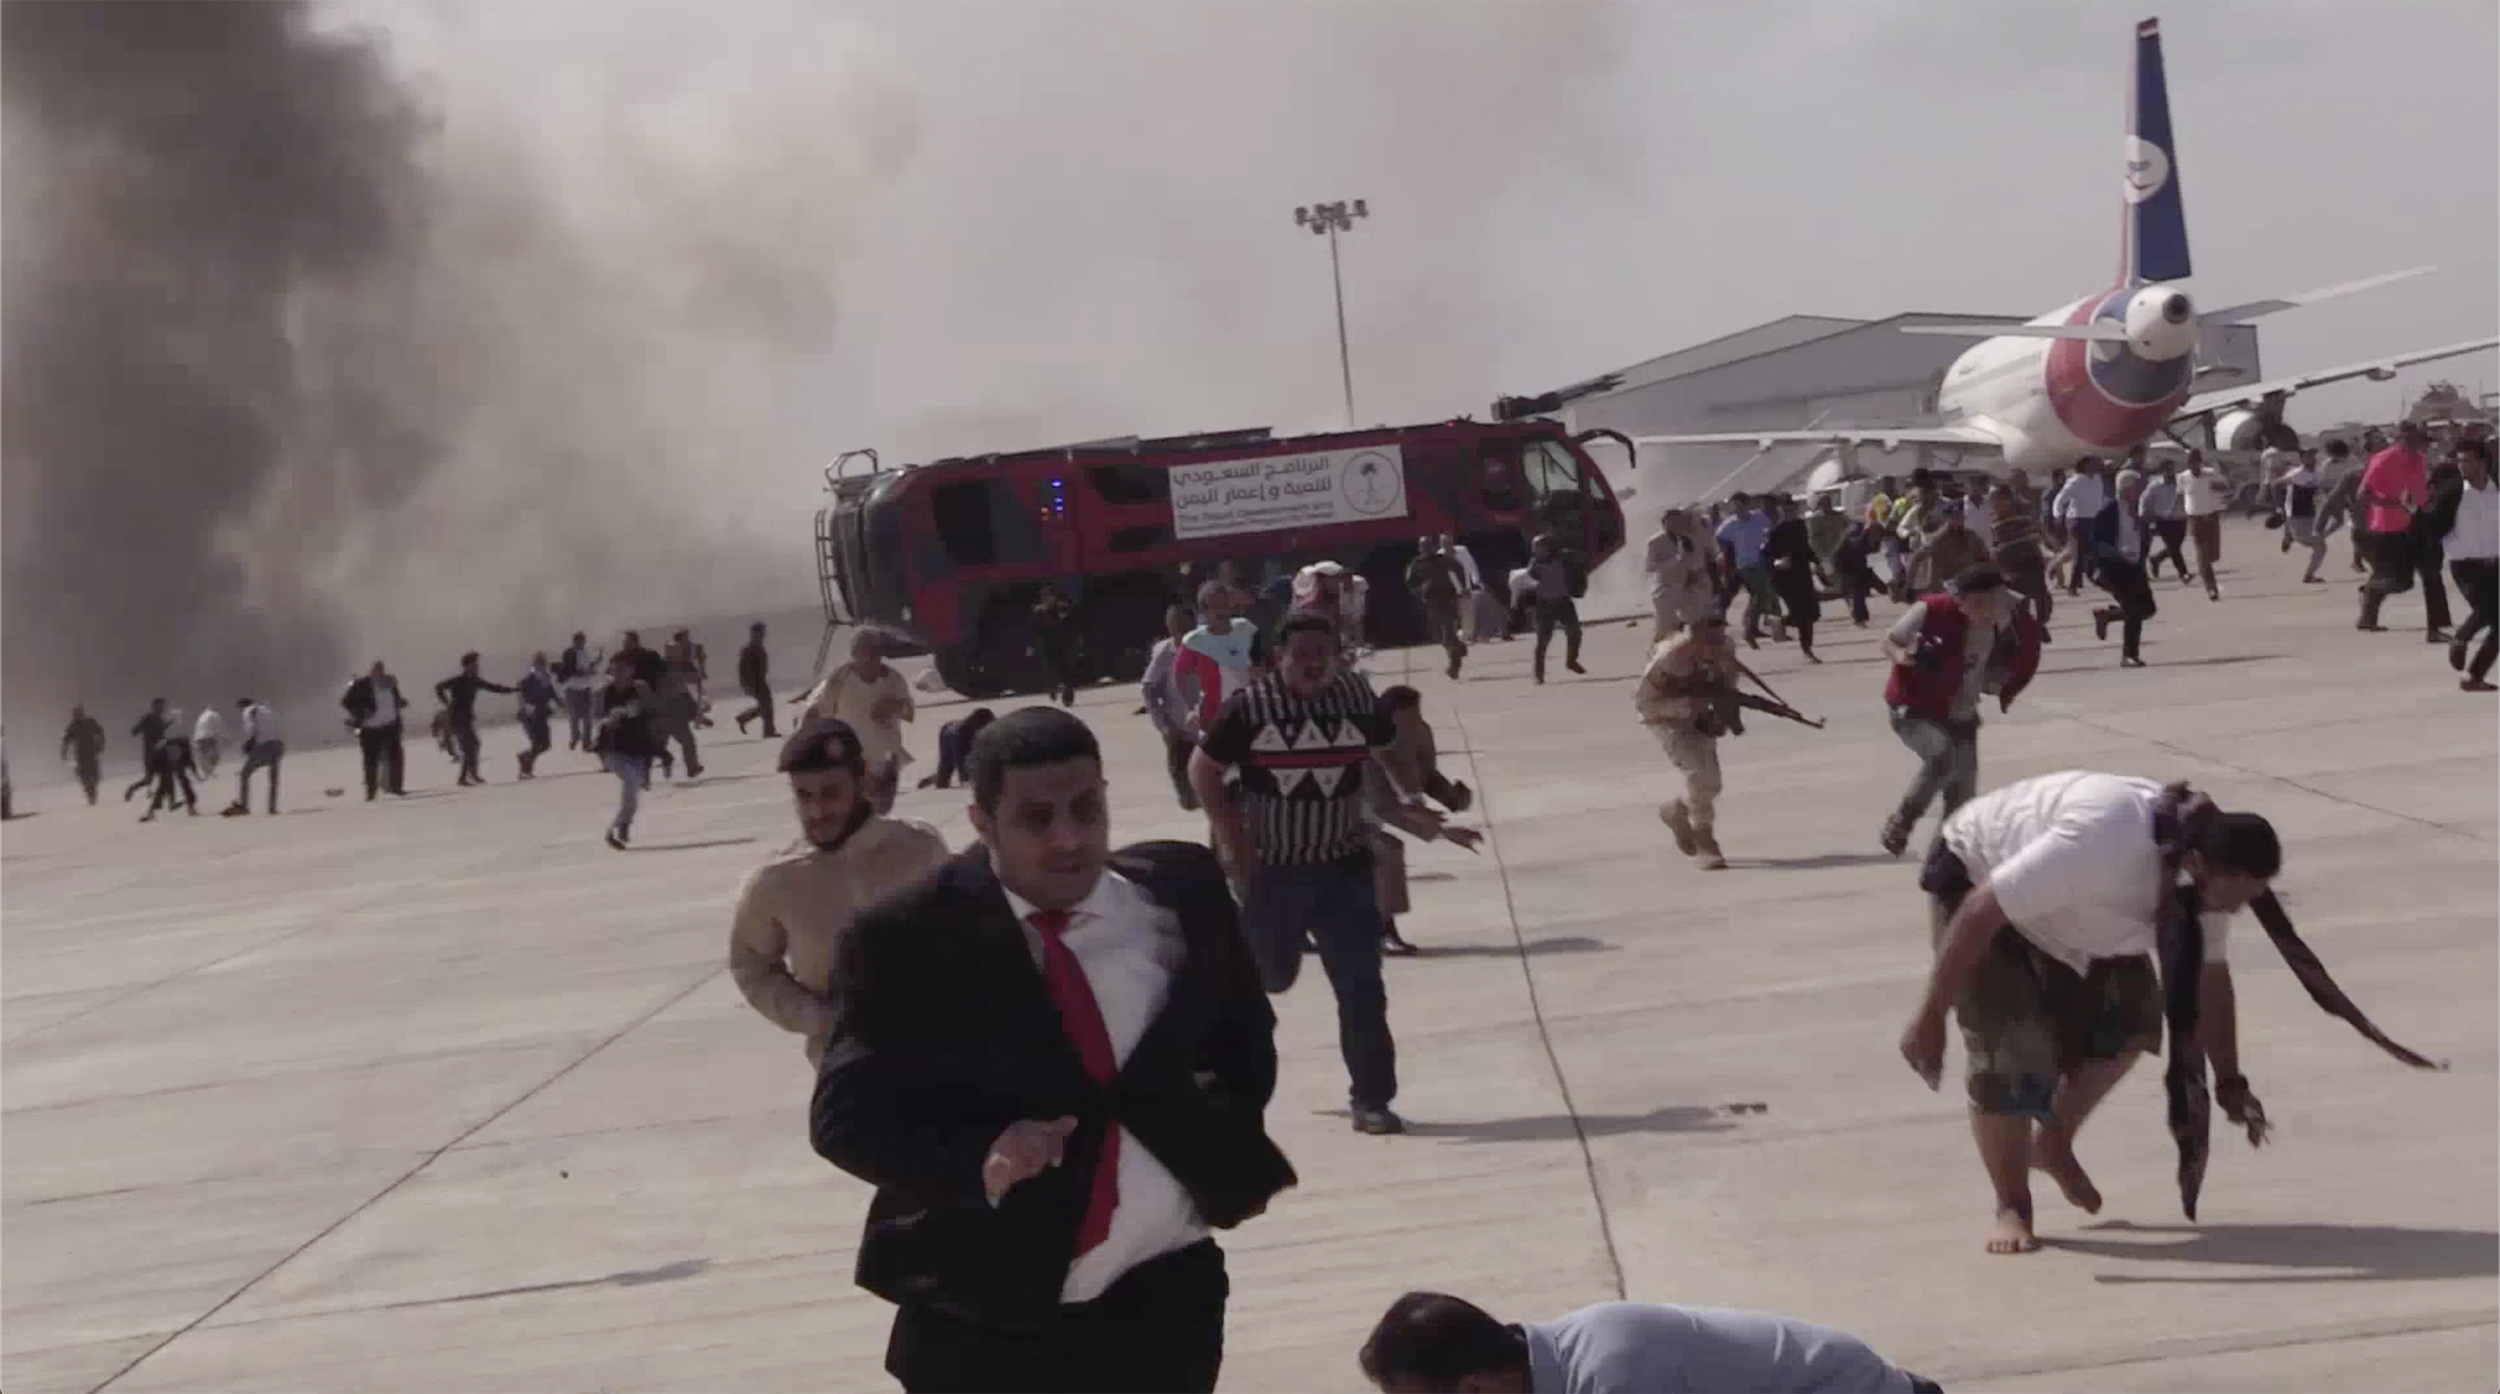 धमाके के पीछे ईरान के समर्थन वाले हूथी विद्रोहियों का हाथ माना जा रहा है।